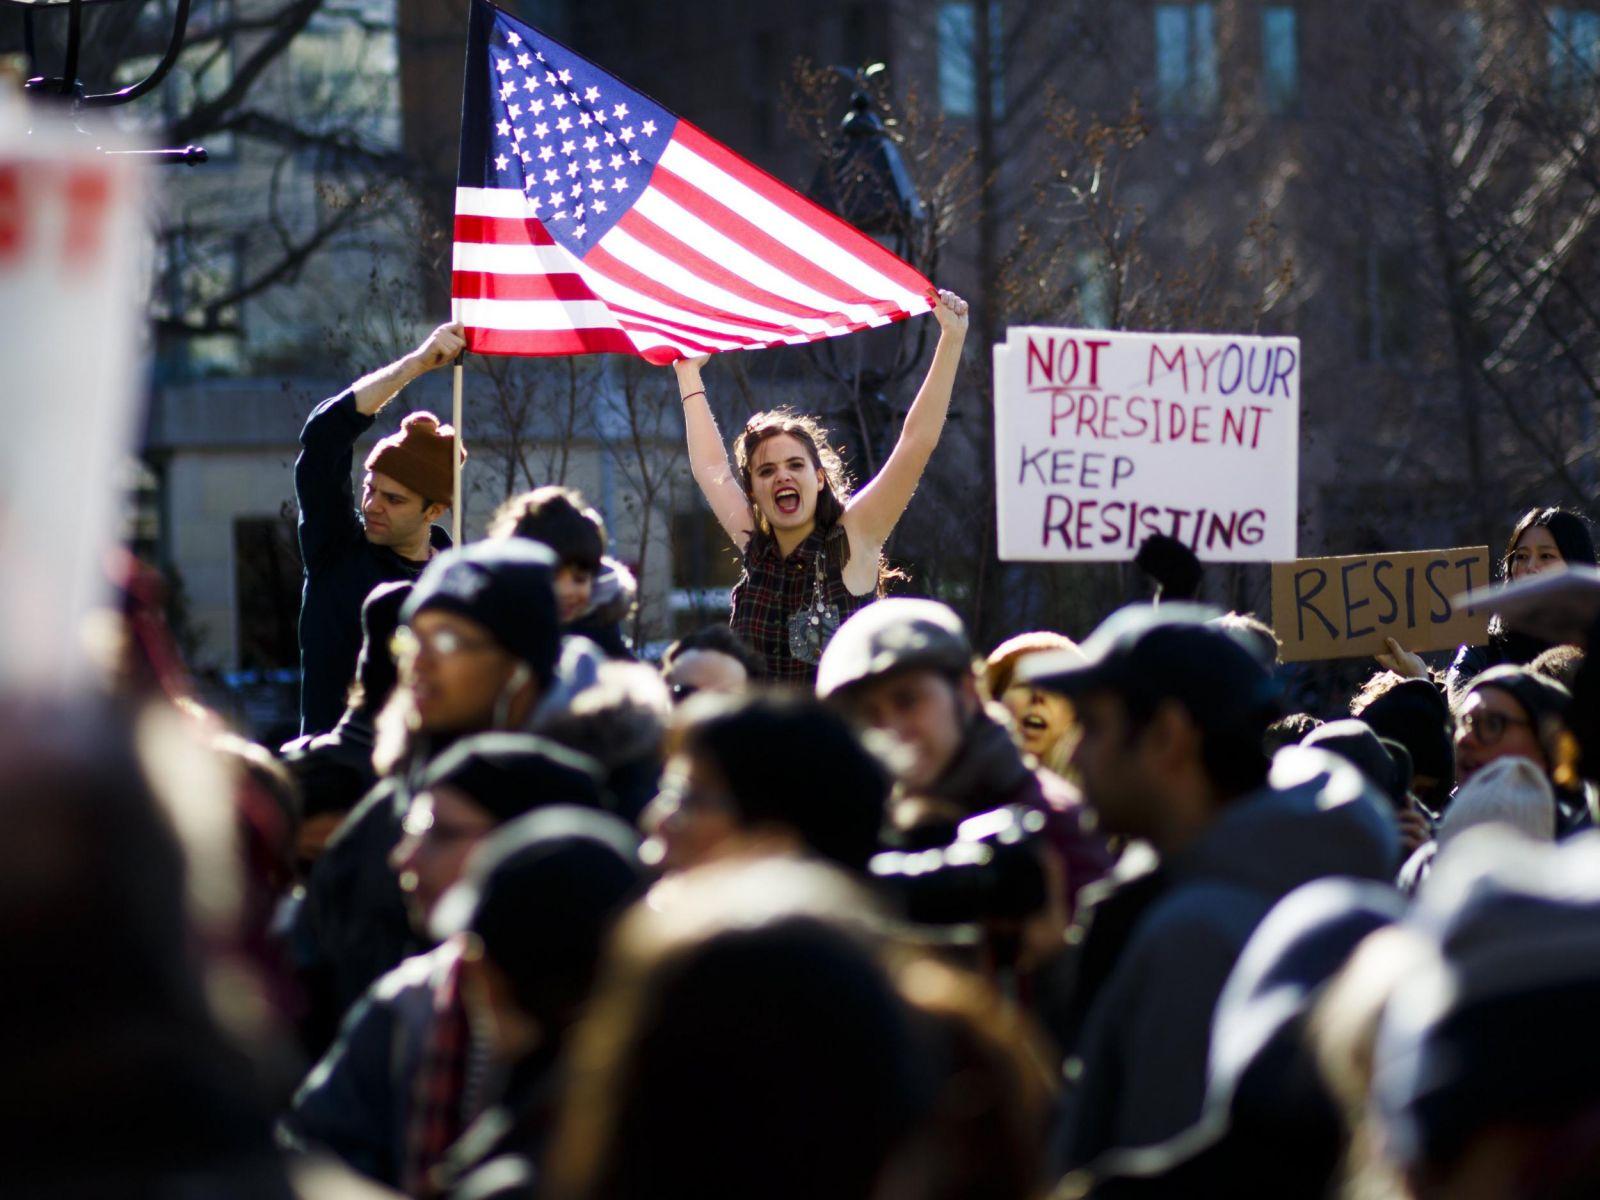 兩萬字揭露美國侵犯人權狀況